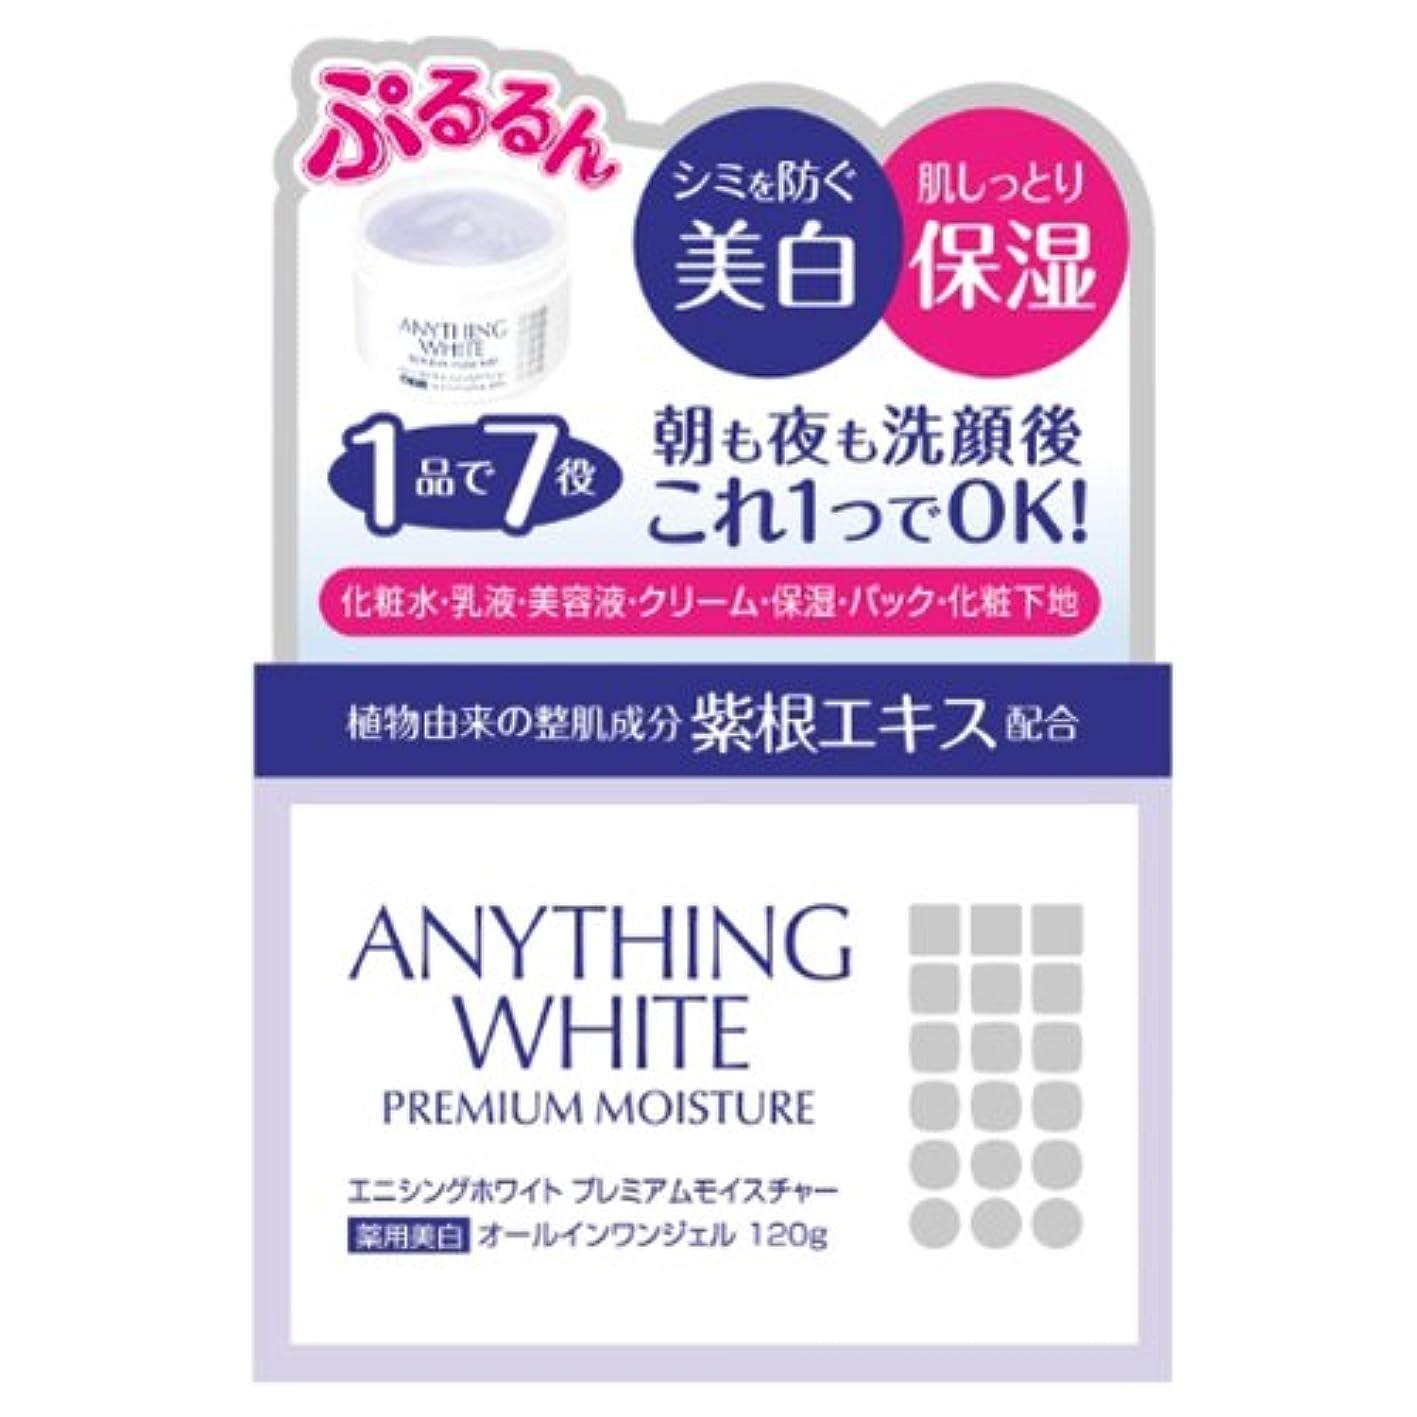 文句を言う外側些細なエニシングホワイト プレミアムモイスチャー 120g